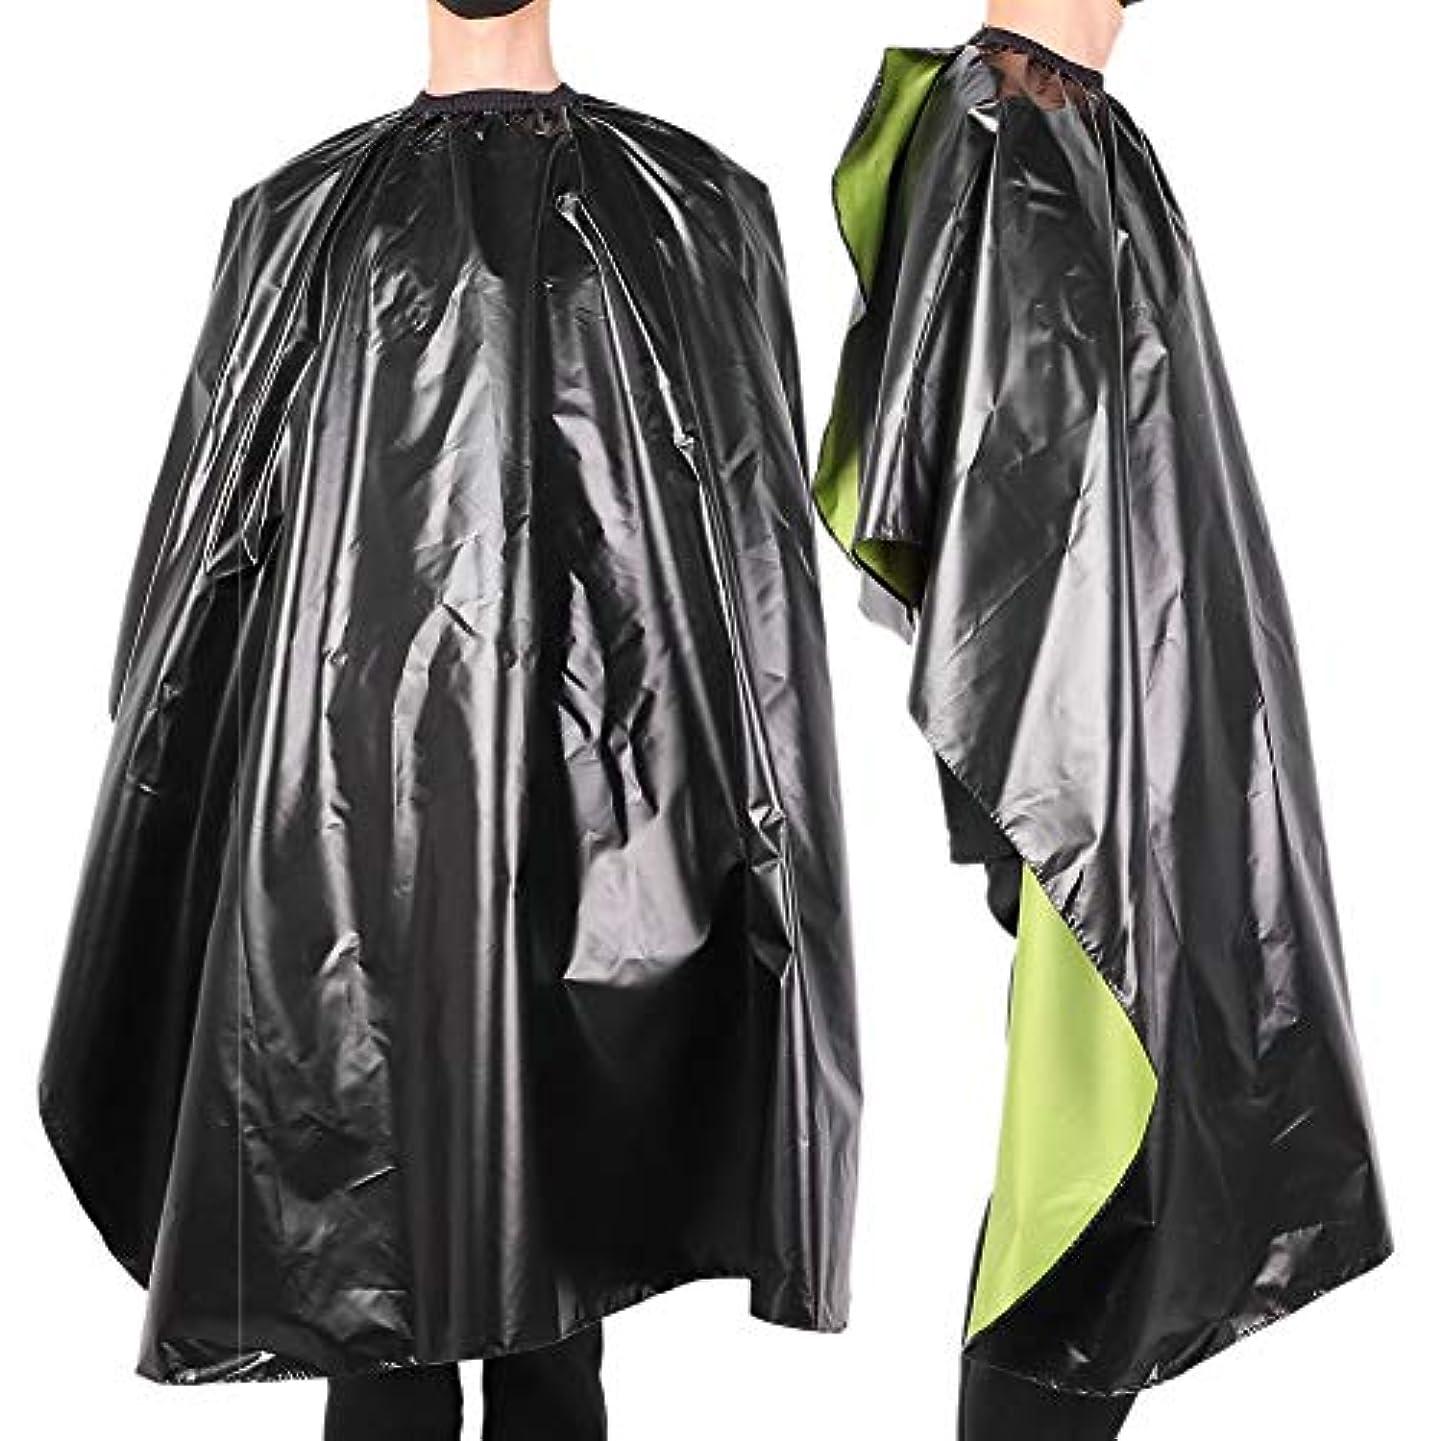 麺悪行記念日防水 調整可能 サロン 散髪 ヘアスタイリングケープ-ガ ウン大人の理髪理髪師 ラップエプロン